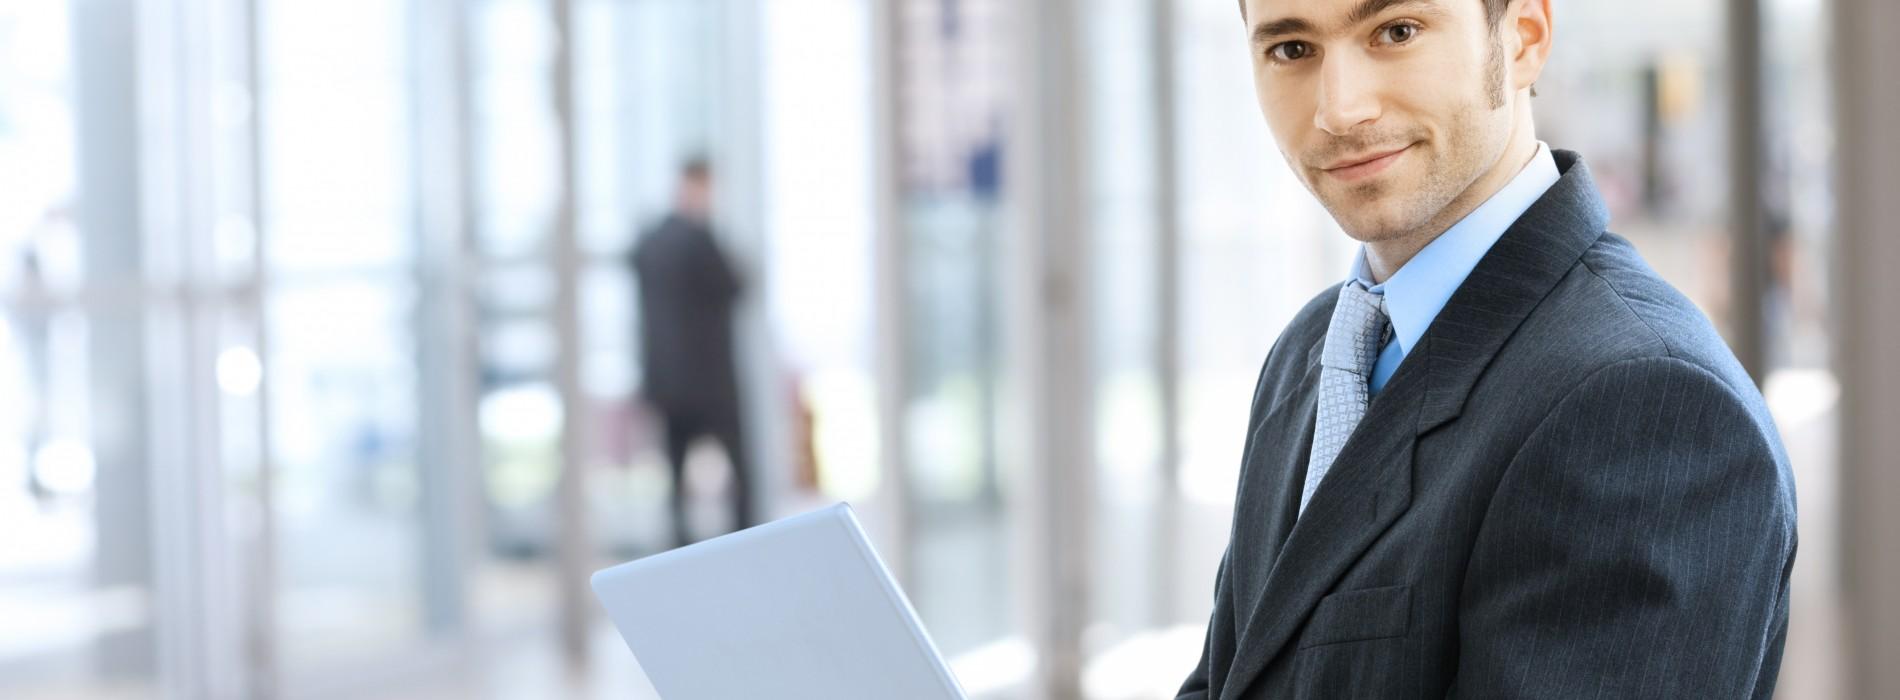 Płeć przełożonego ma duży wpływ na pracę zespołu